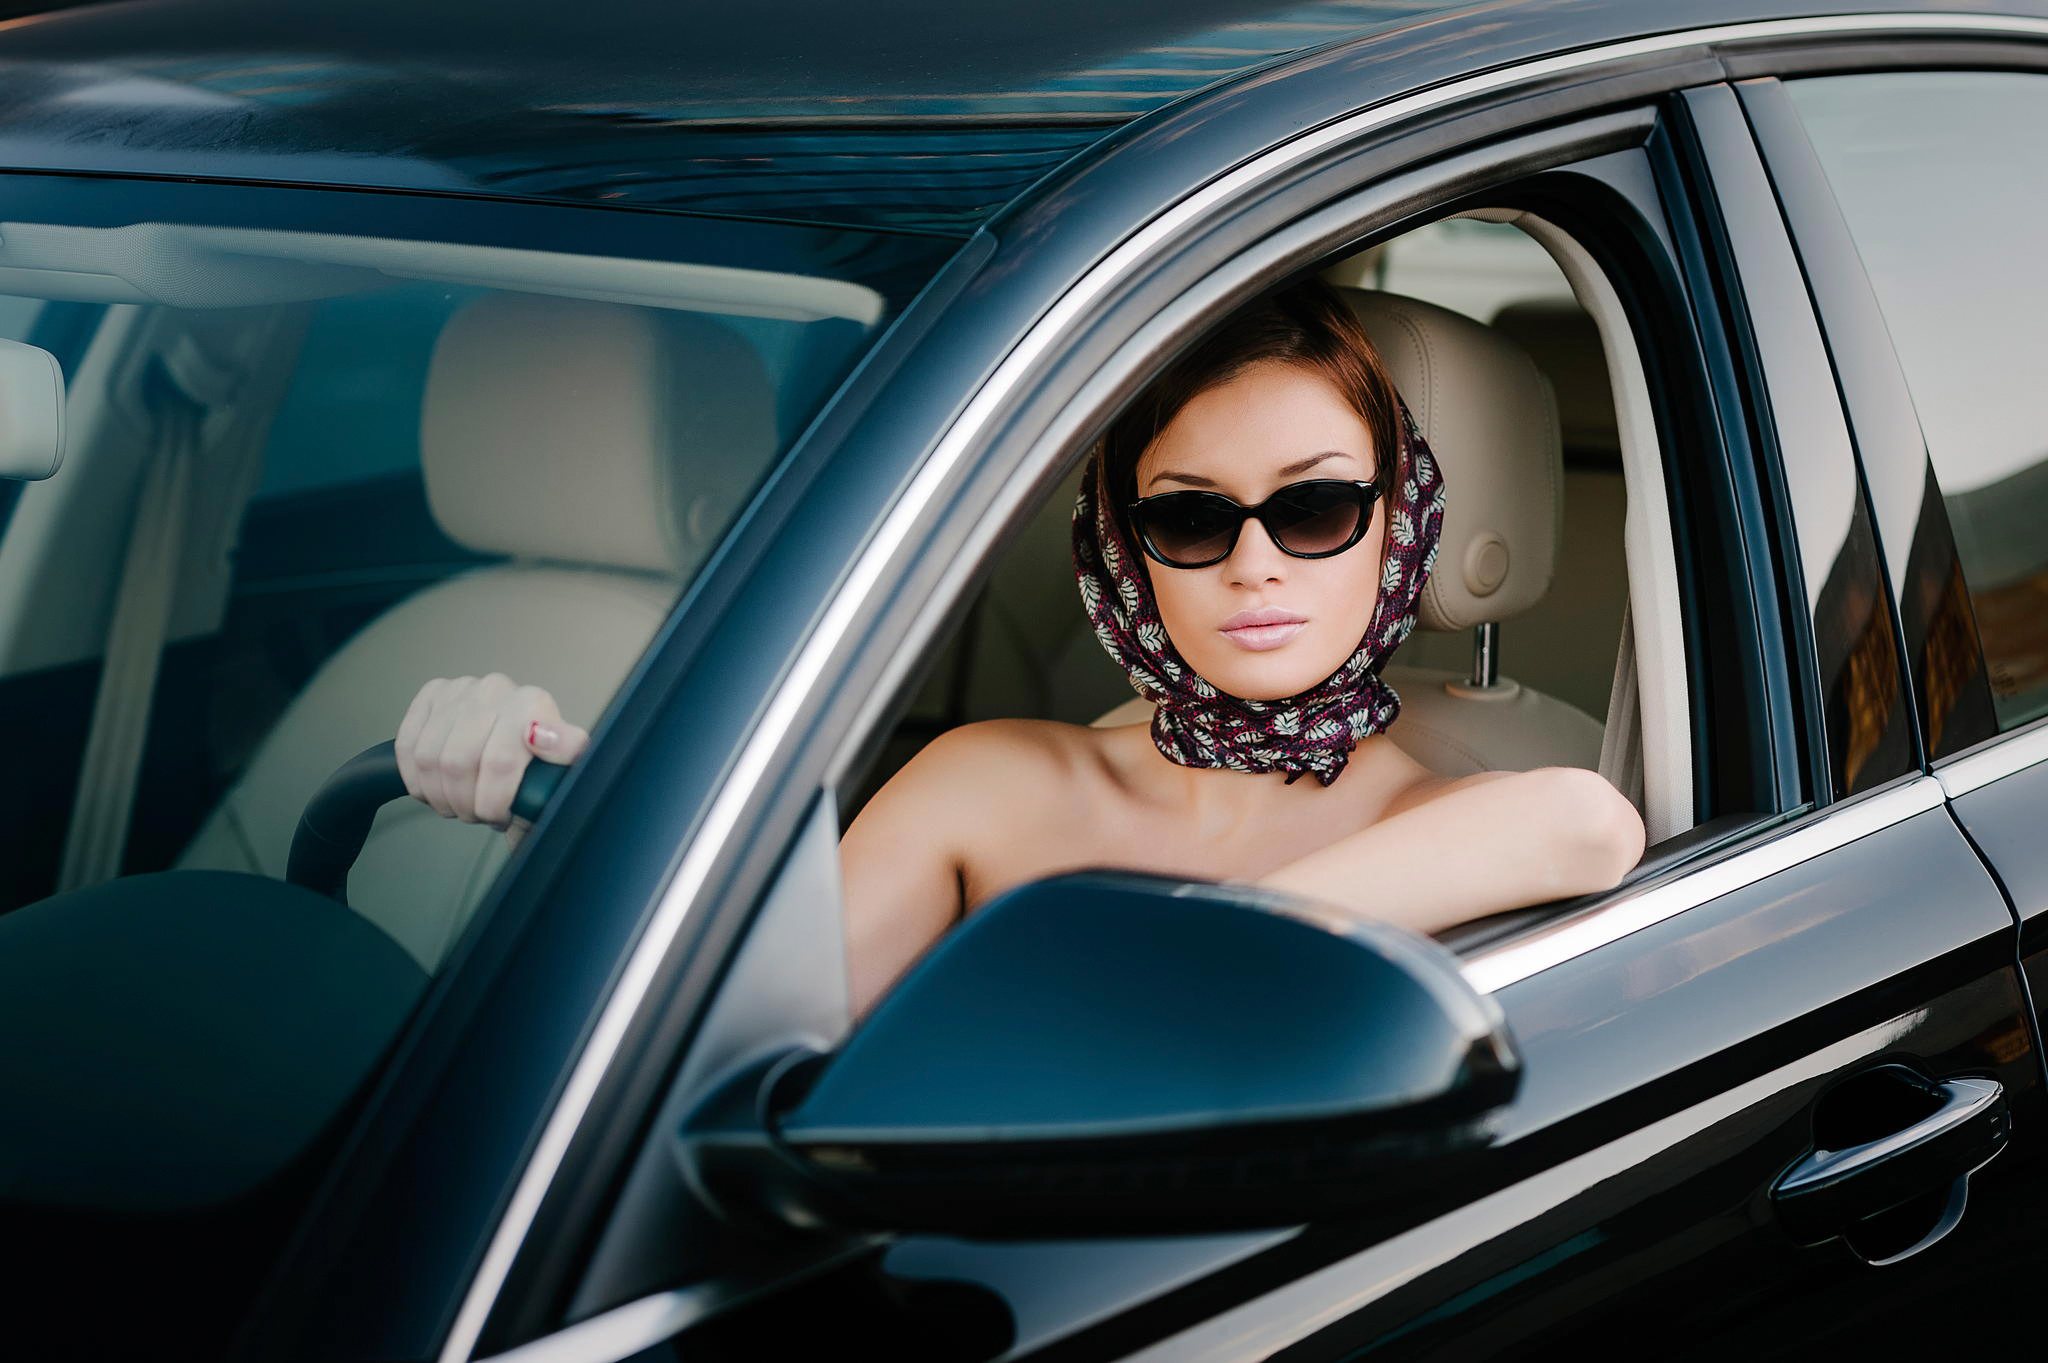 для полная женщина в машине этого всетаки